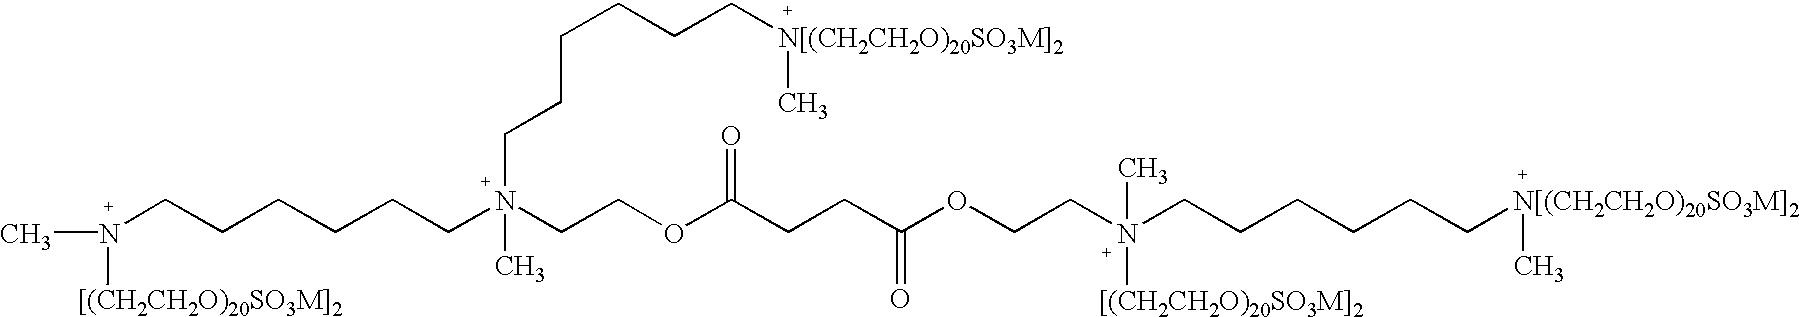 Figure US06579839-20030617-C00020